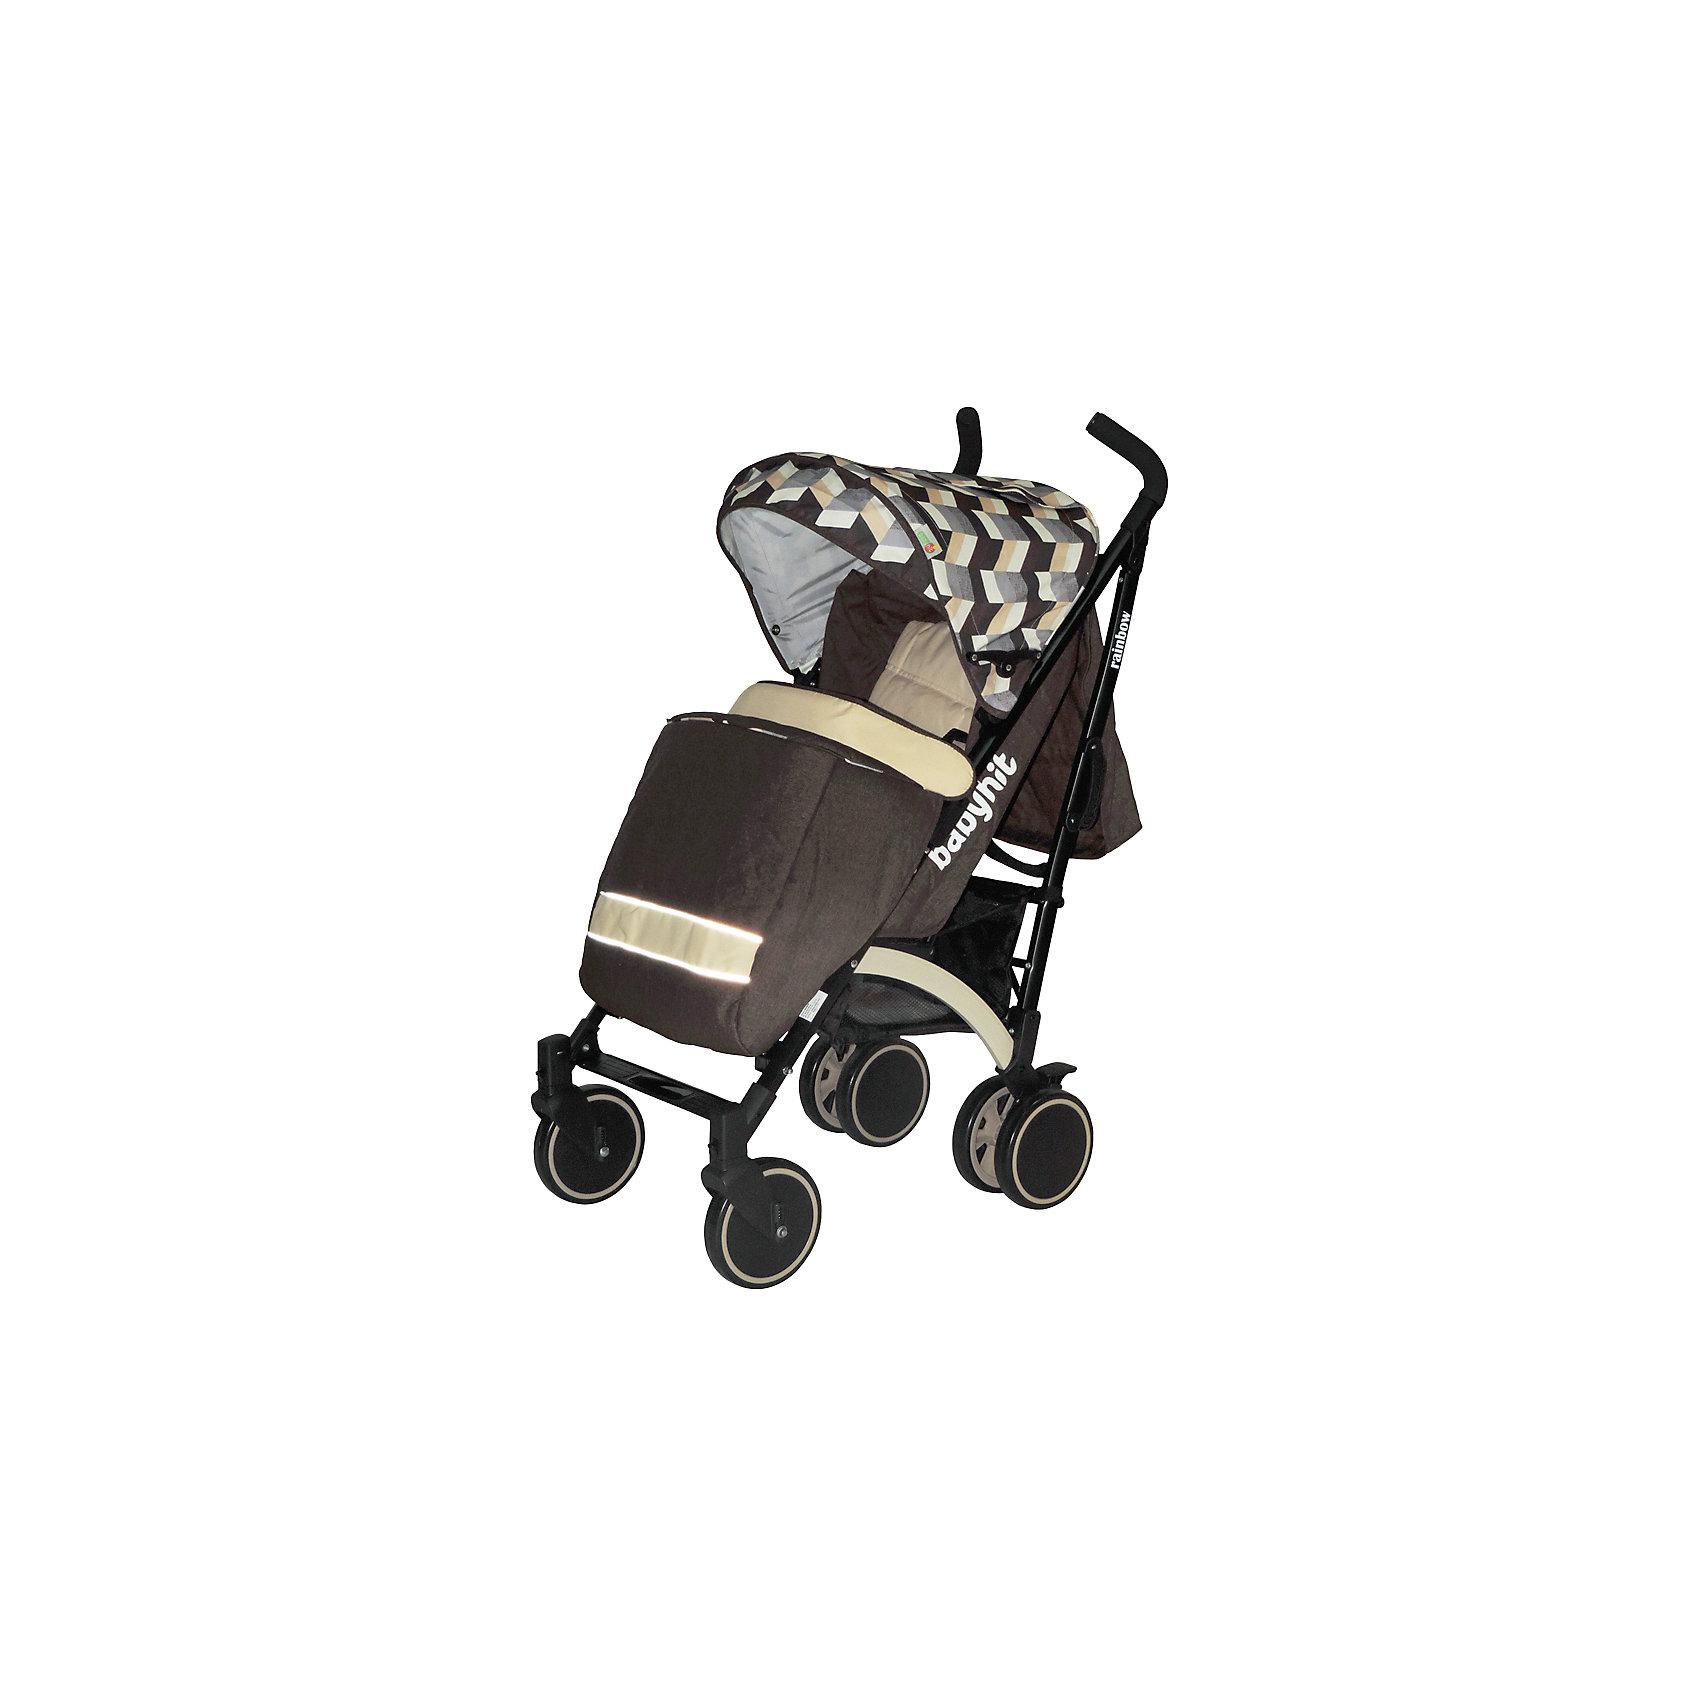 Коляска-трость BabyHit RAINBOW, бежевый/коричневыйКоляски-трости<br>Дополнительная информация:<br><br>Прогулочная коляска-трость предназначена для детей от 6-ти месяцев до 3-х лет.<br>Спинка сиденья регулируется в 3-х положениях для комфортного отдыха ребенка.<br>5-ти точечные ремни безопасности с мягкими плечевыми накладками и паховый ремень надежно удержат малыша на прогулке.<br>Бампер предназначен для дополнительной безопасности, снимается при необходимости.<br>Подножка регулируемая.<br>Капюшон-батискаф опускается до бампера.<br>Передние поворотные колеса с возможностью фиксации в положении прямо.<br>Все колеса амортизированы.<br>В сложенном виде коляску легко переносить с помощью удобной ручки.<br>Коляска автоматически блокируется при складывании.<br>Корзинка для покупок расположена в нижней части коляски.<br>Размеры коляски в разложенном виде: 85/43/108 см.<br>Ширина сиденья: 35 см.<br>Высота спинки: 47 см.<br>Глубина сиденья: 25 см.<br>Длина подножки: 13 см.<br>Размер спального места при поднятой подножке - 85 х 35 см.  <br>Диаметр колес: 18 см.<br>Вес коляски - 7,4 кг.<br>В комплекте:<br>Чехол для ножек. <br>Дождевик.<br>Москитная сетка.<br>Корзинка для покупок.<br>Сумка (нет в комплекте у колясок в расцветках: бежевый, голубой, малиновый). <br><br><br><br>Коляску-трость RAINBOW, BabyHit, бежевый/коричневый можно купить в нашем магазине.<br><br>Ширина мм: 260<br>Глубина мм: 250<br>Высота мм: 900<br>Вес г: 8700<br>Цвет: бежевый/коричневый<br>Возраст от месяцев: 6<br>Возраст до месяцев: 36<br>Пол: Унисекс<br>Возраст: Детский<br>SKU: 4640317